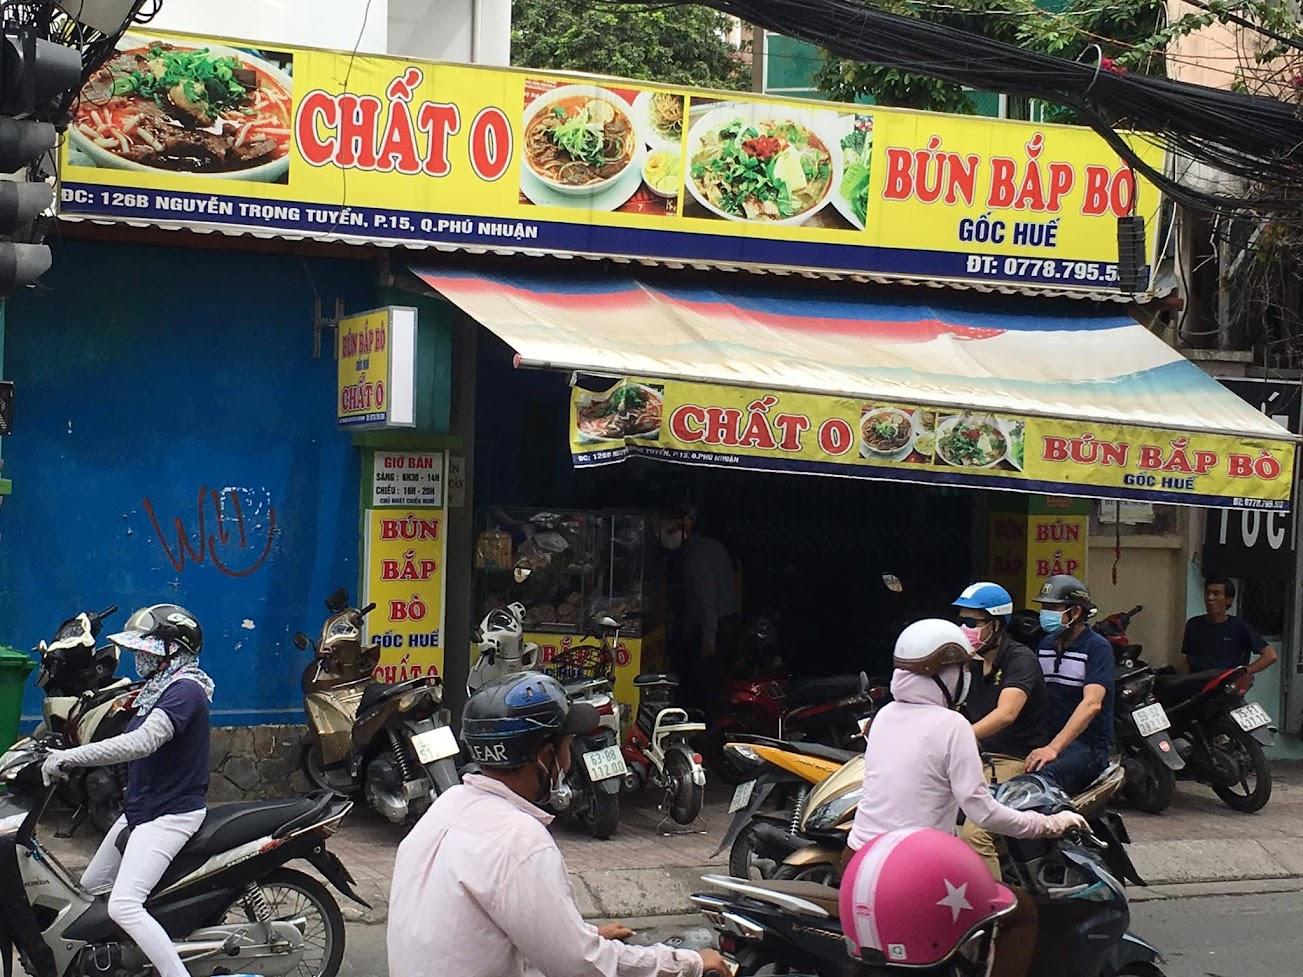 Bún bắp bò Chất O quận Phú Nhuận